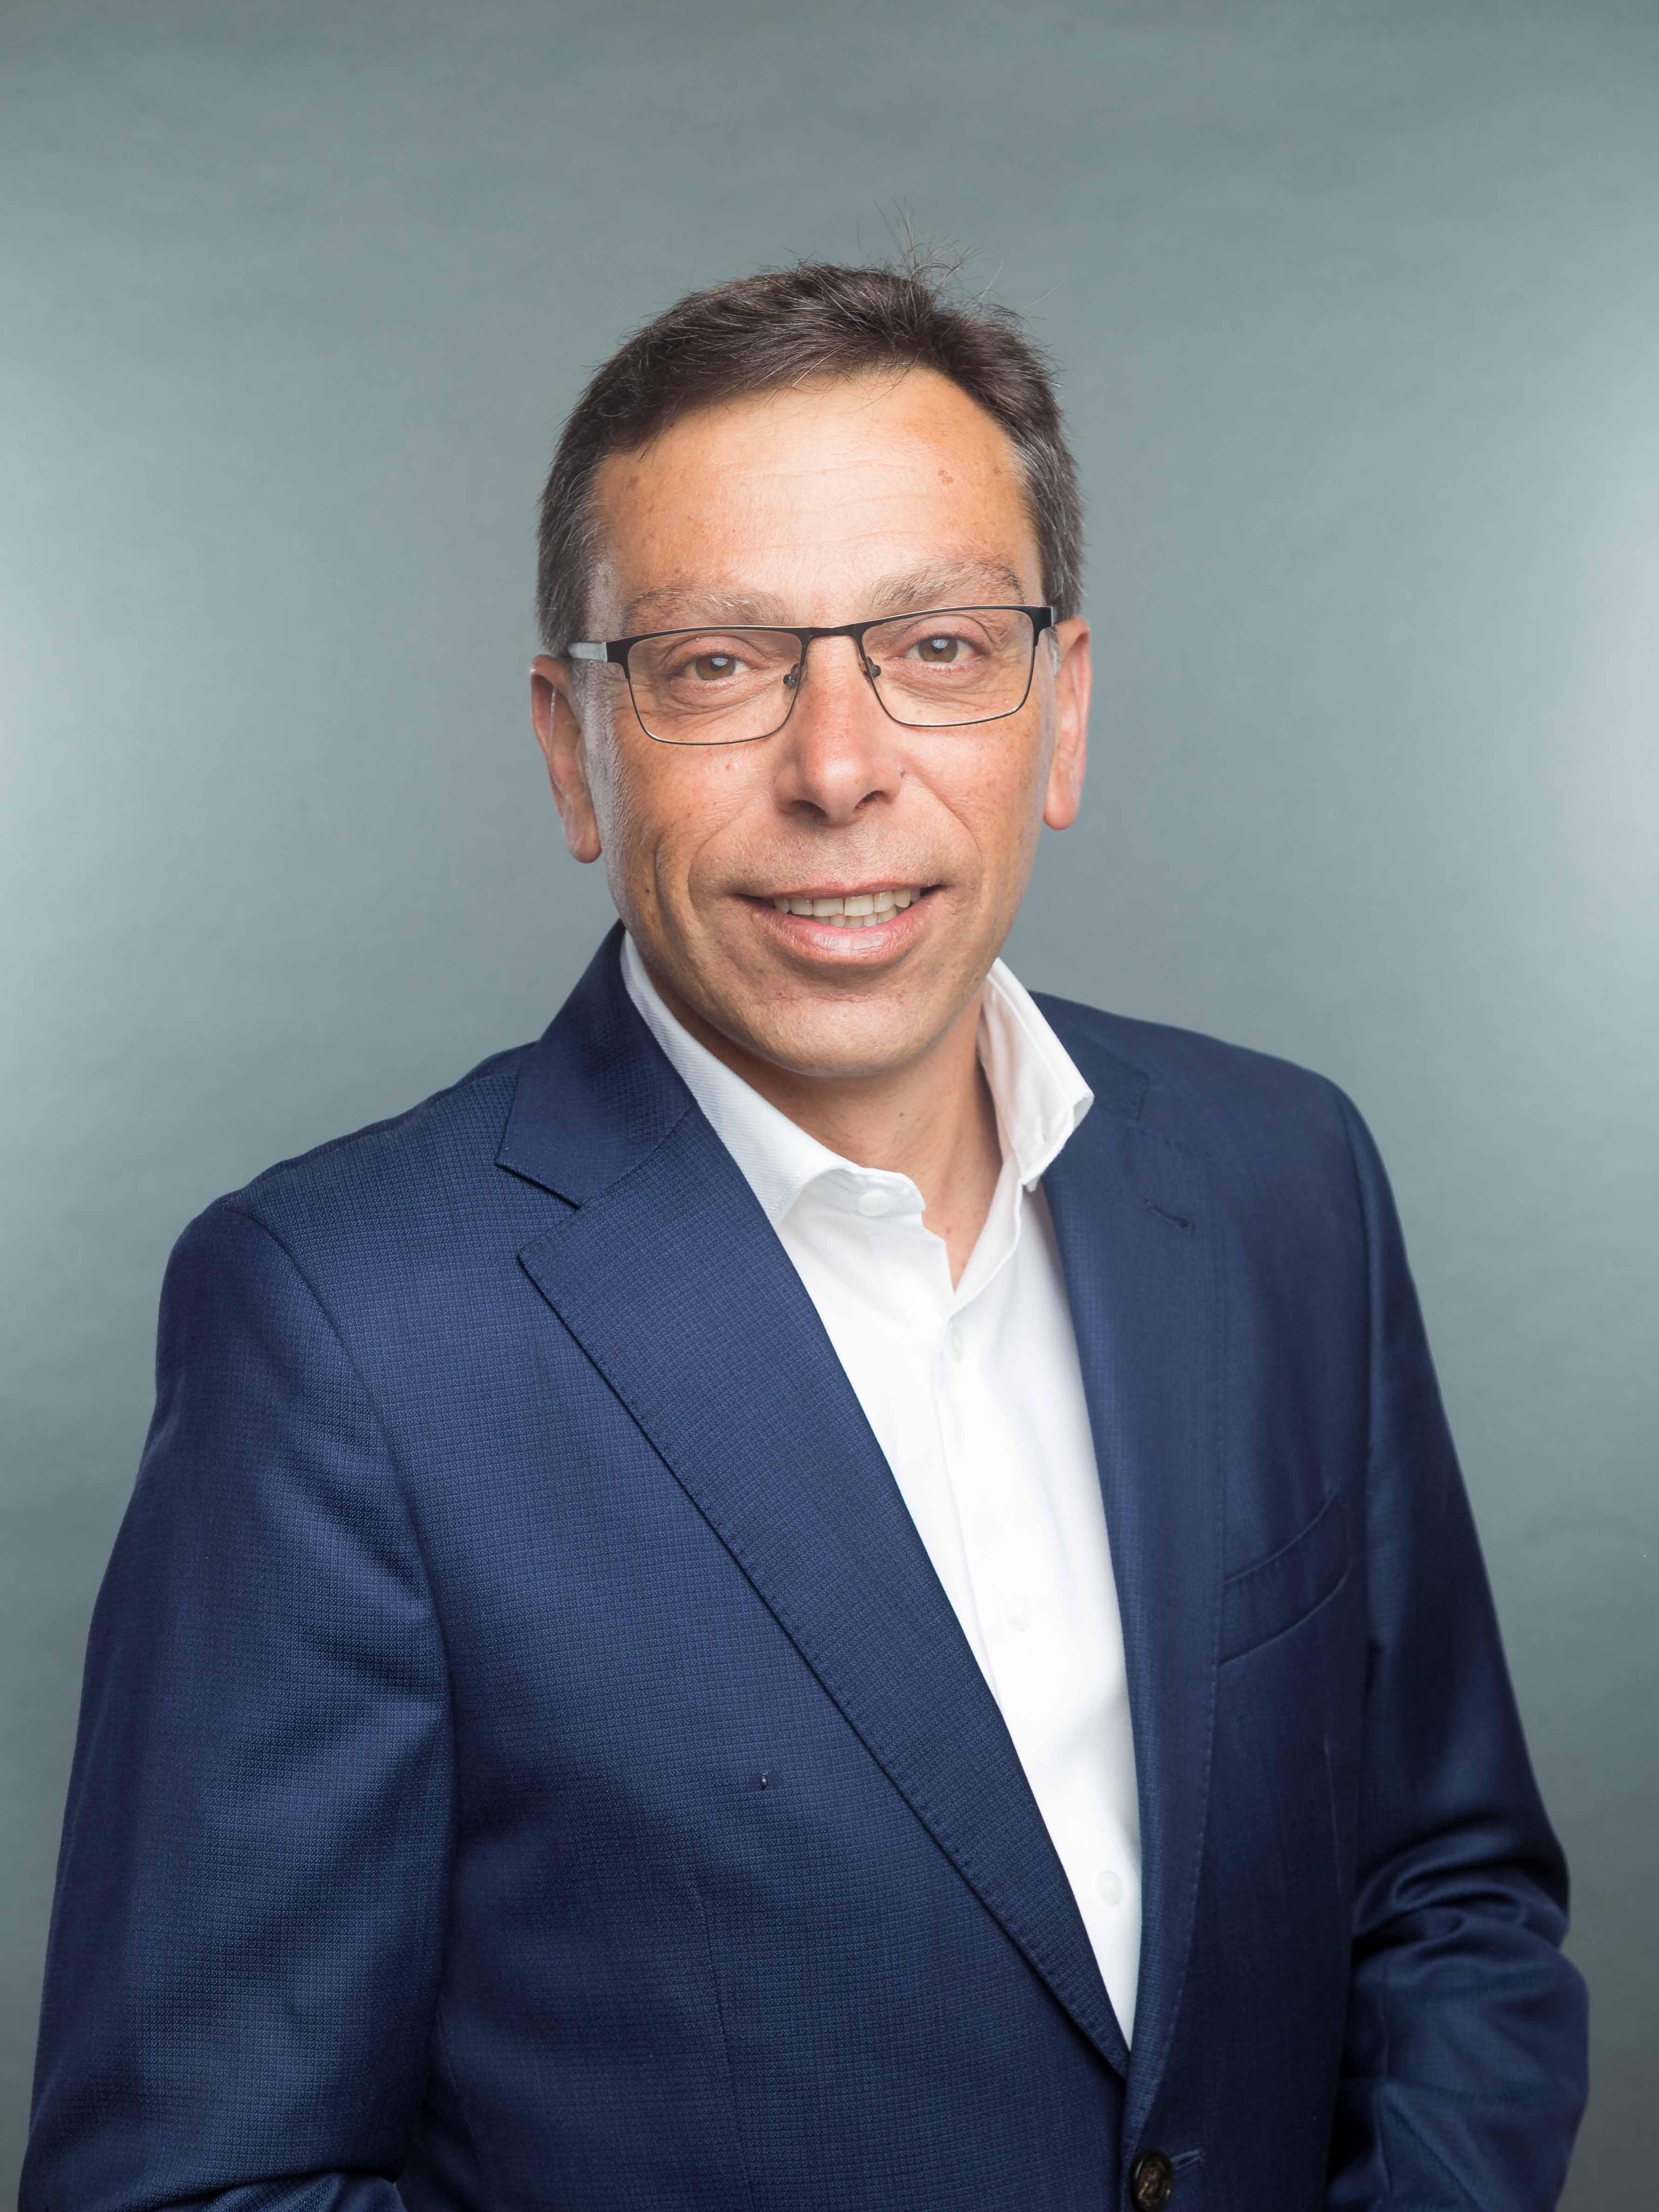 Francisco Atta